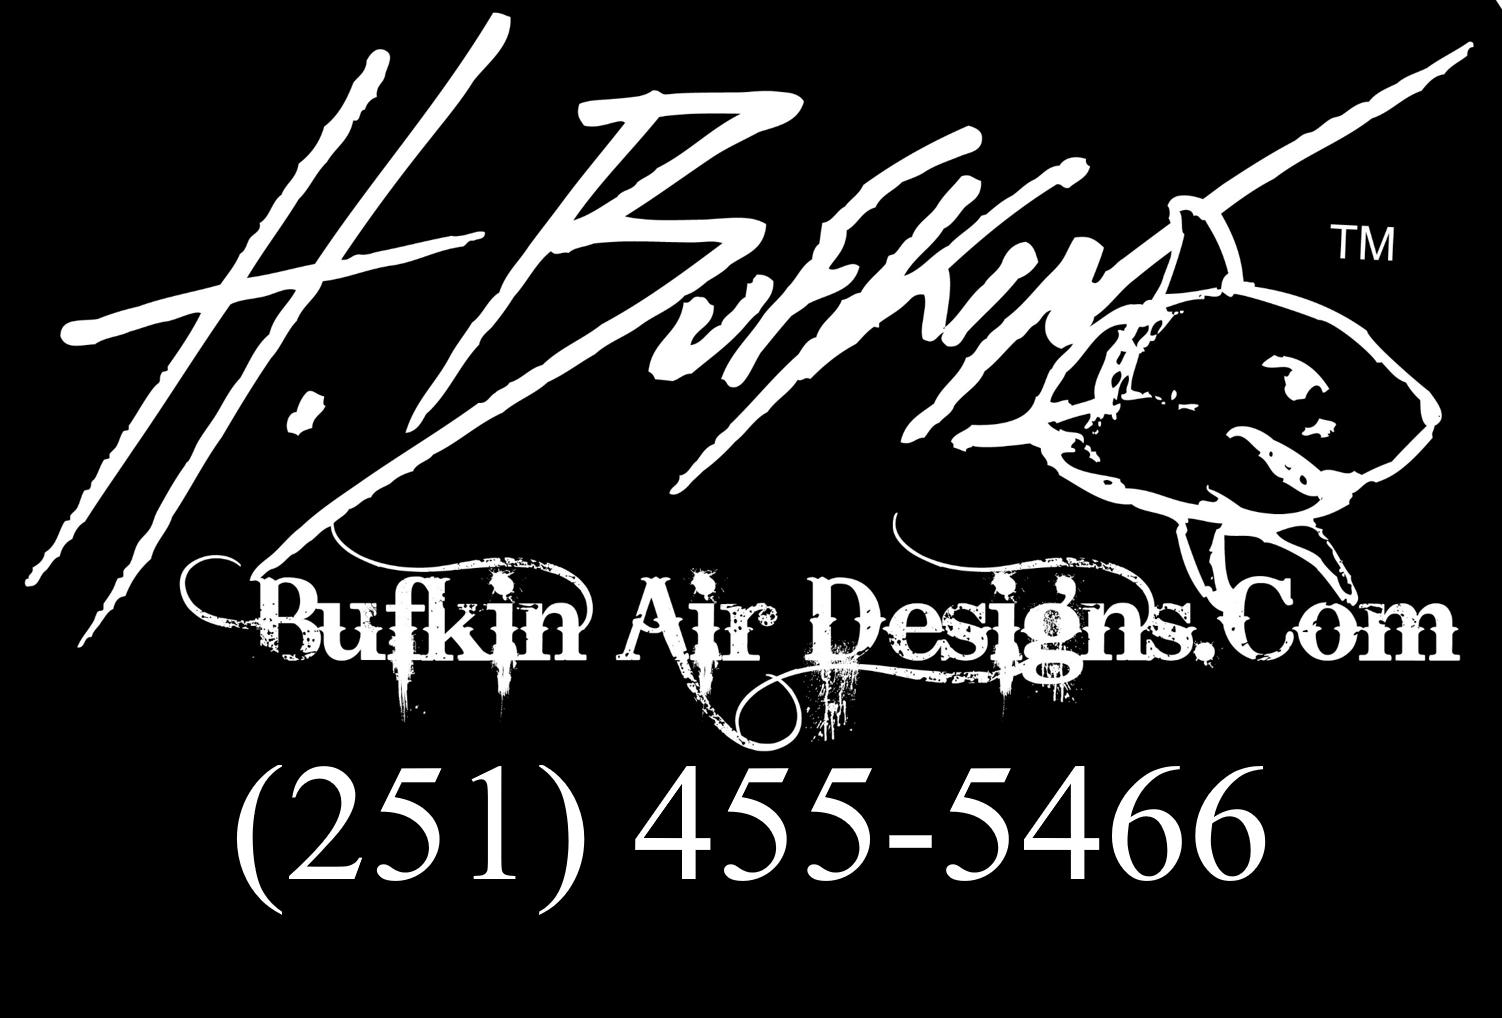 Bufkin Air Designs